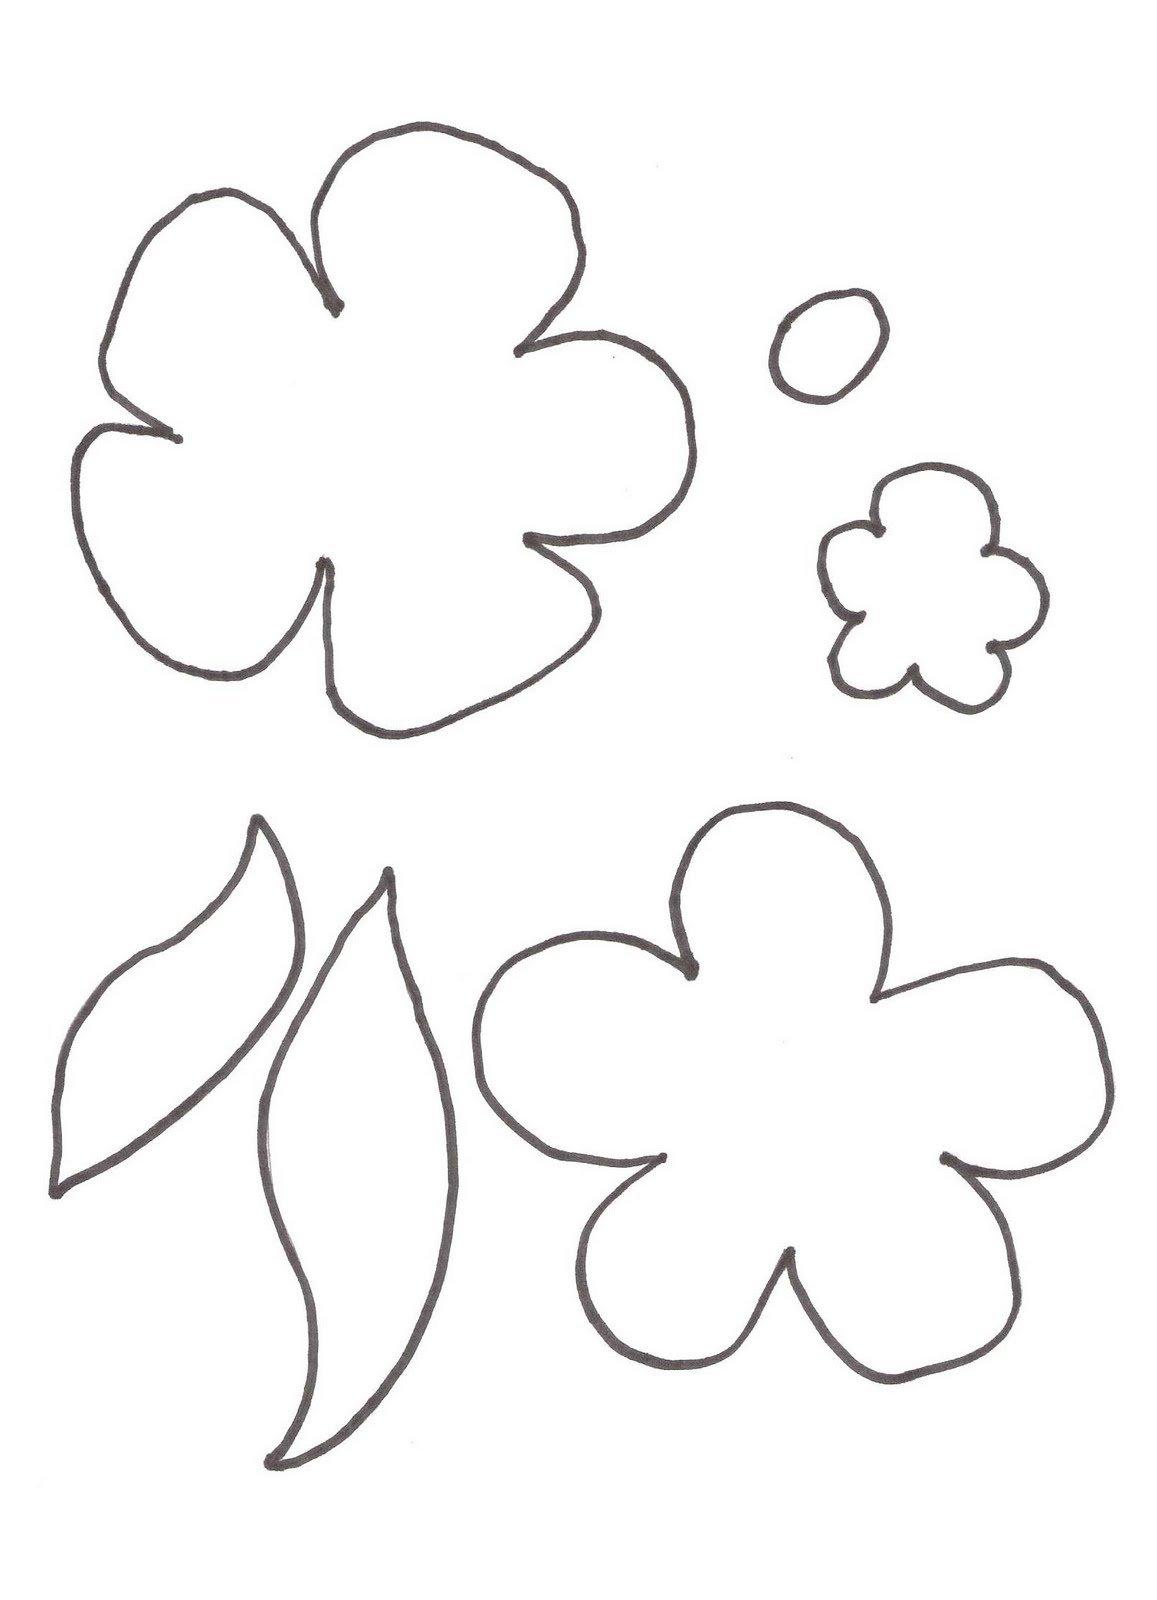 Открытки, шаблоны цветочек 5 листочков